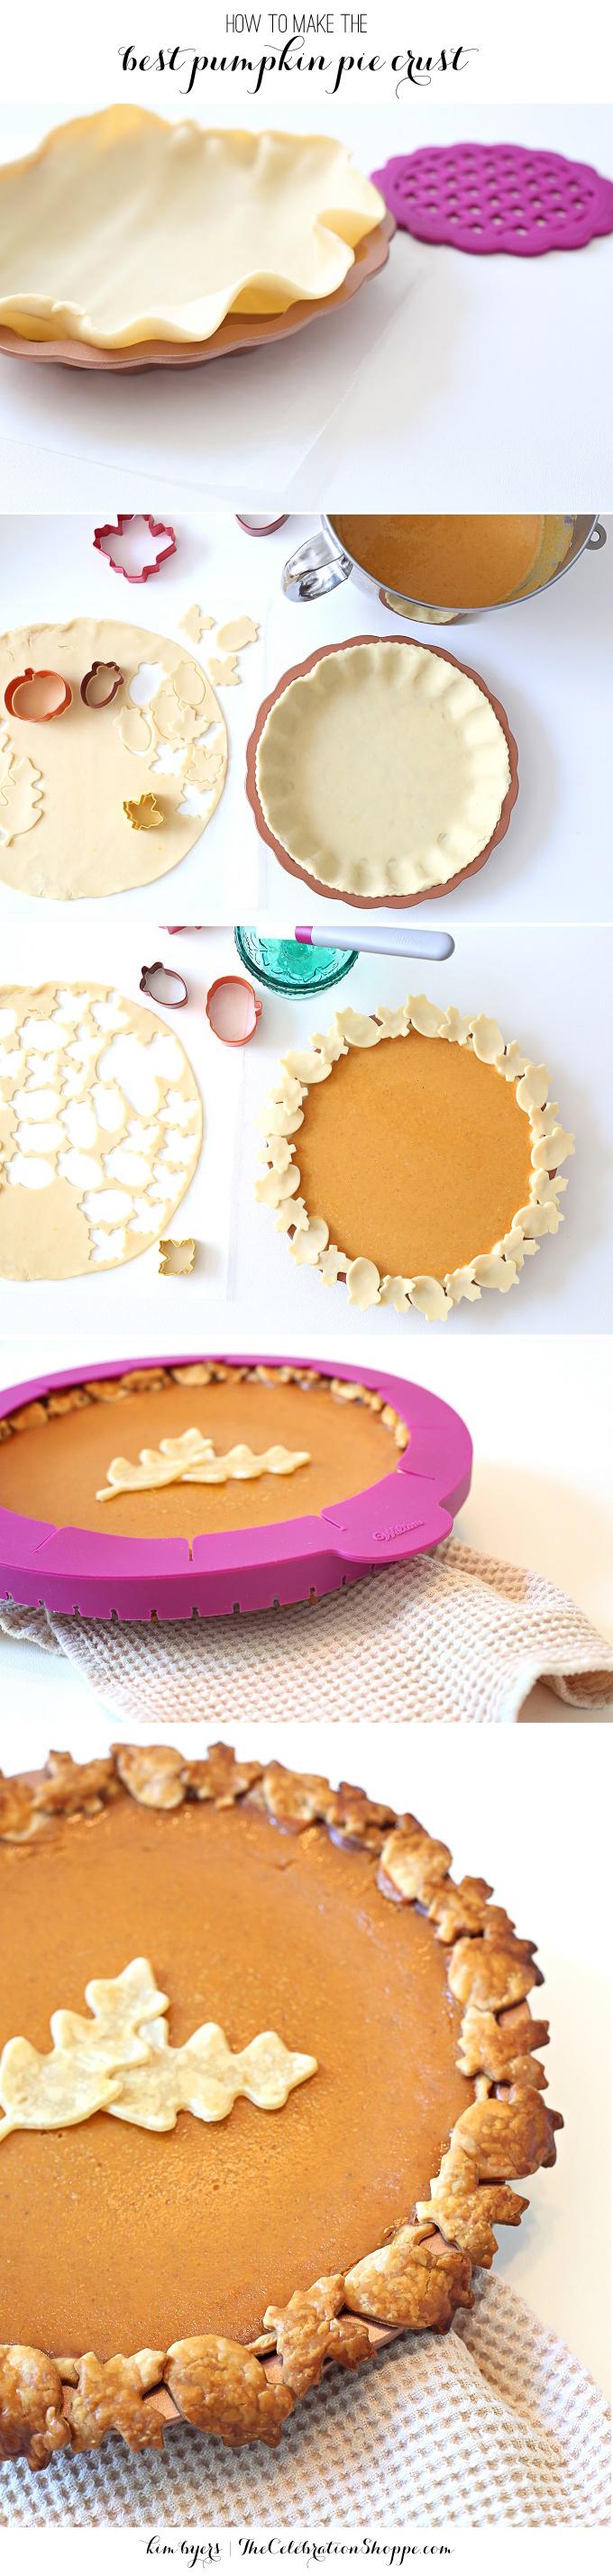 2-Best-Pumpkin-Pie-Crust-Kim-Byers